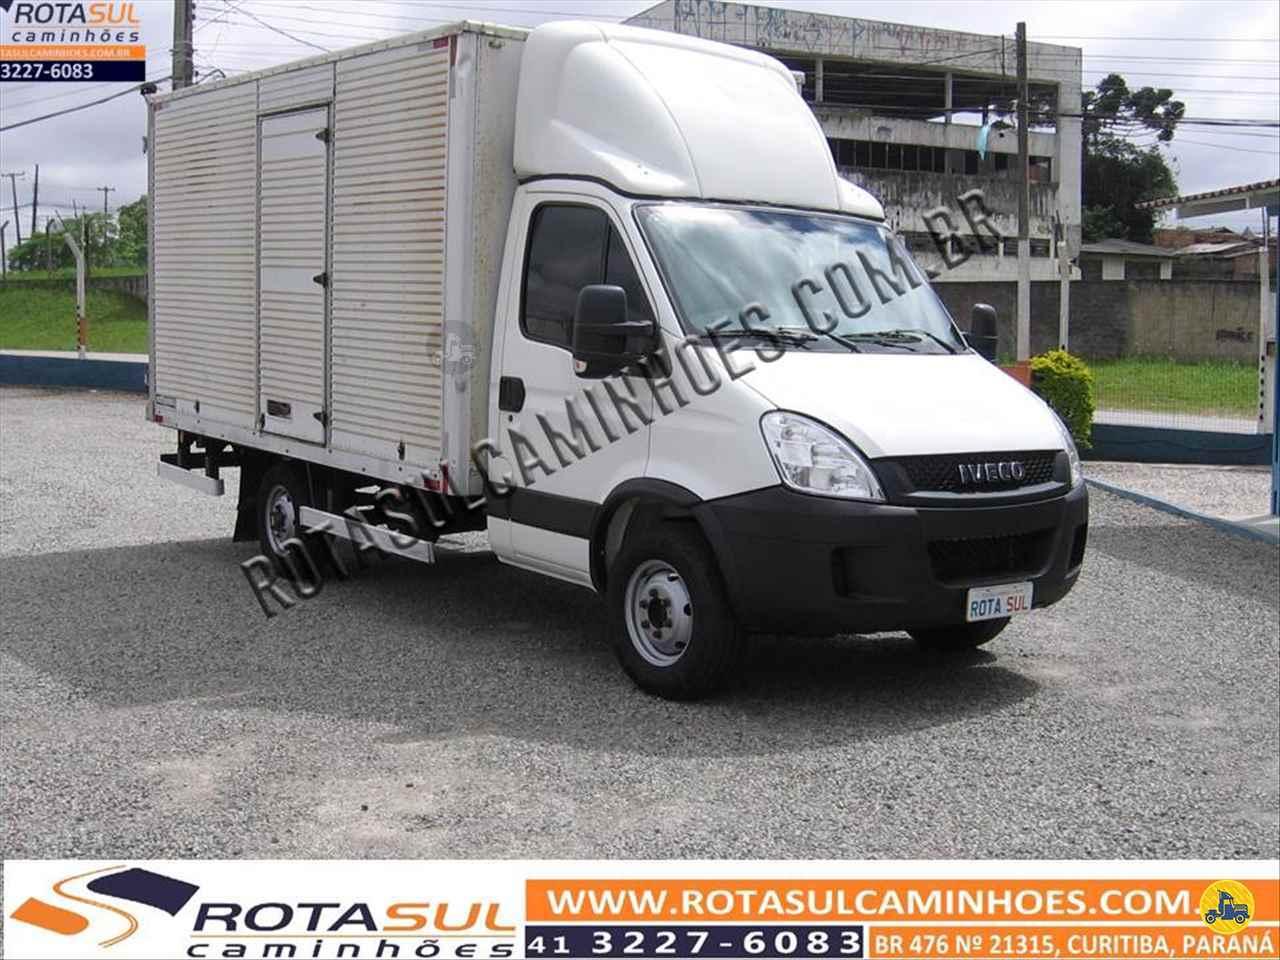 CAMINHAO IVECO DAILY 35s14 Baú Furgão 3/4 4x2 Rota Sul Caminhões CURITIBA PARANÁ PR